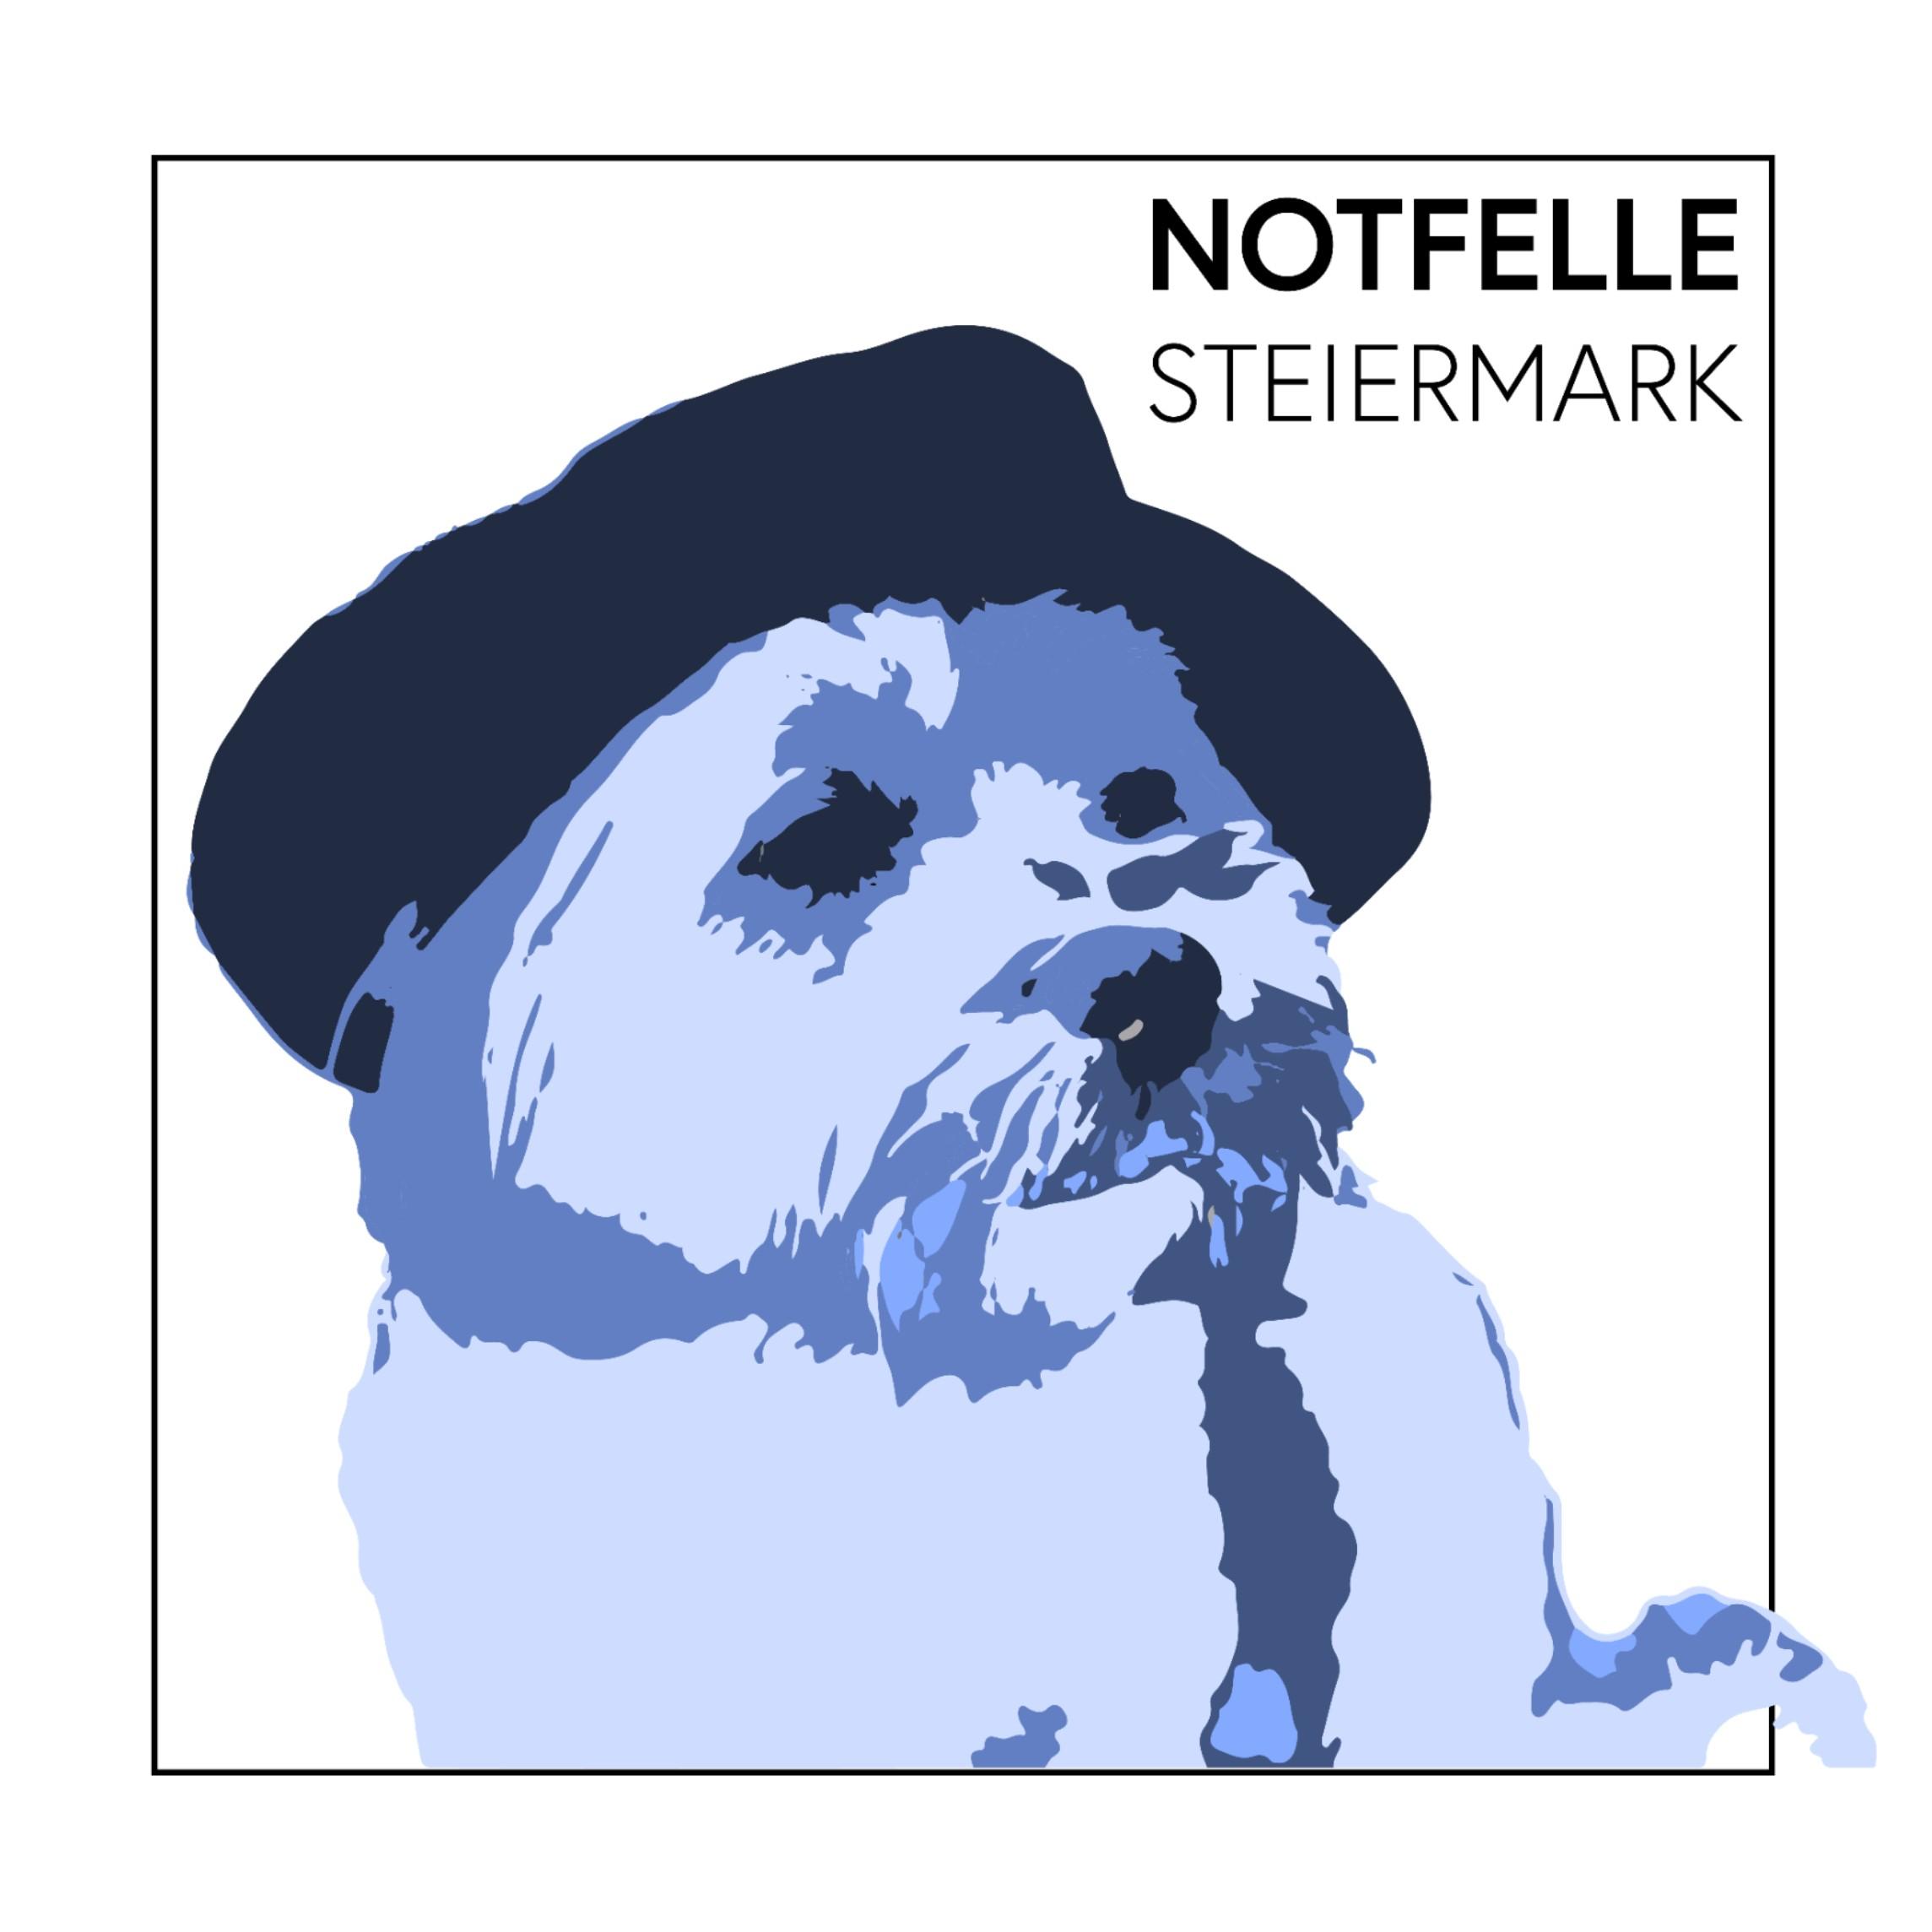 Notfelle Steiermark